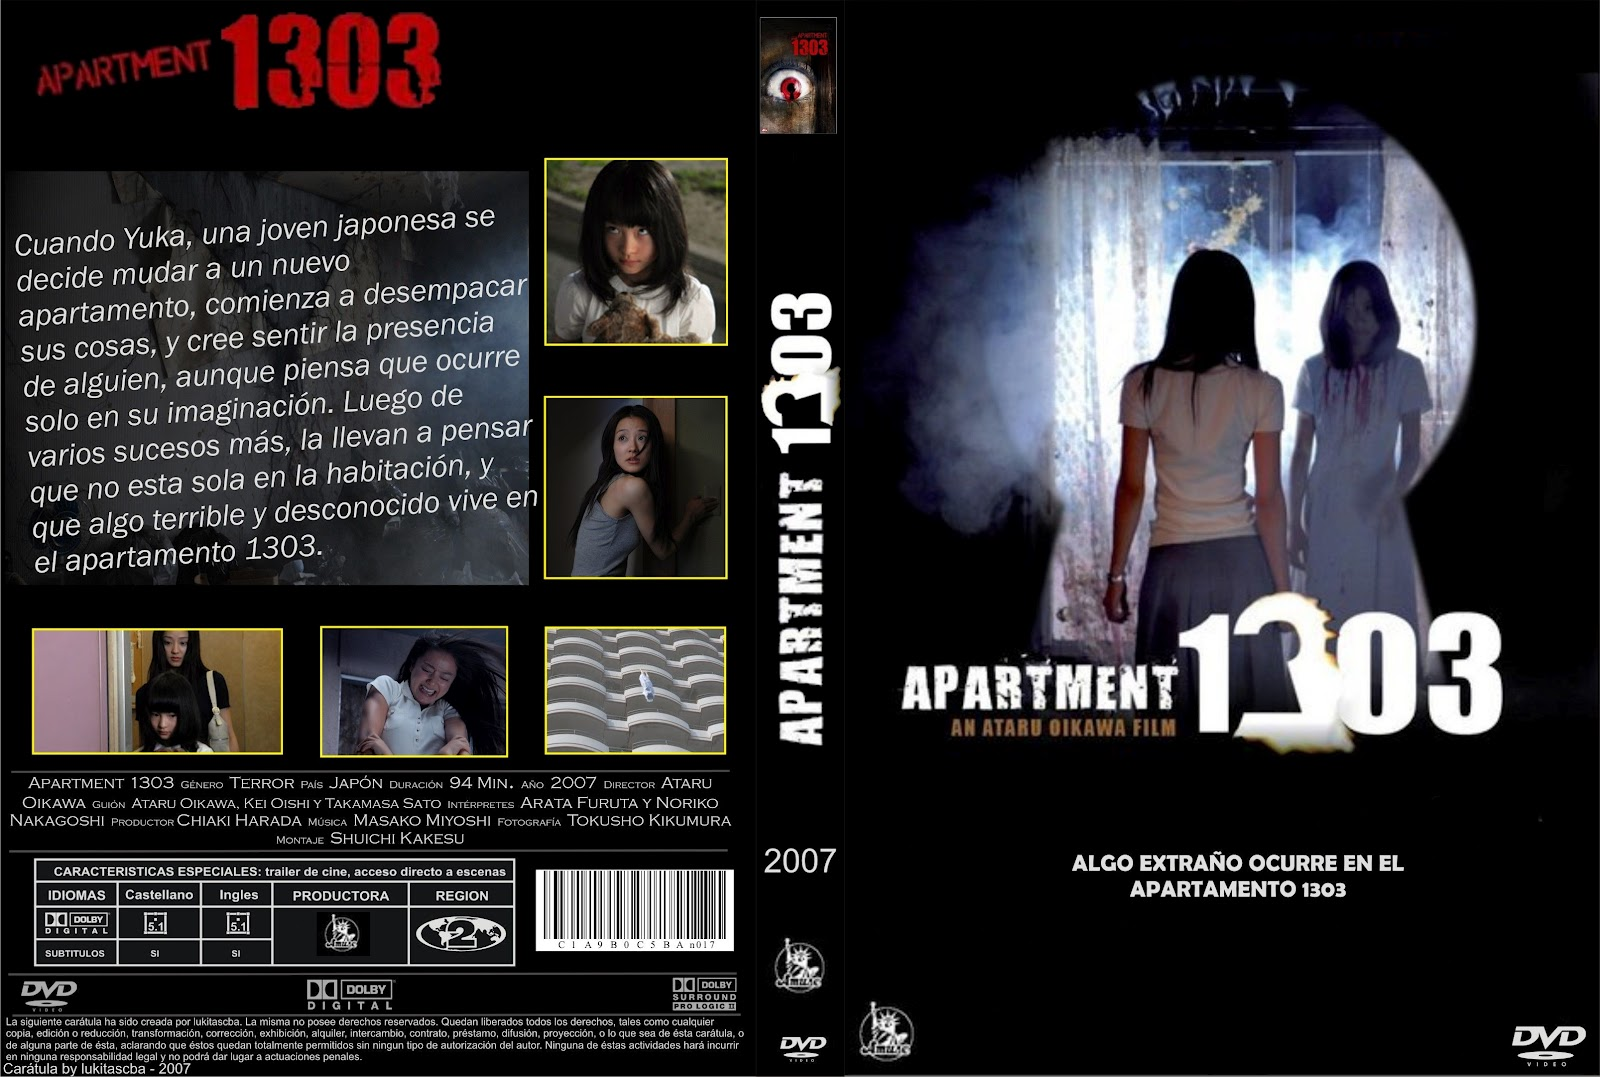 riodvd: Apartment 1303